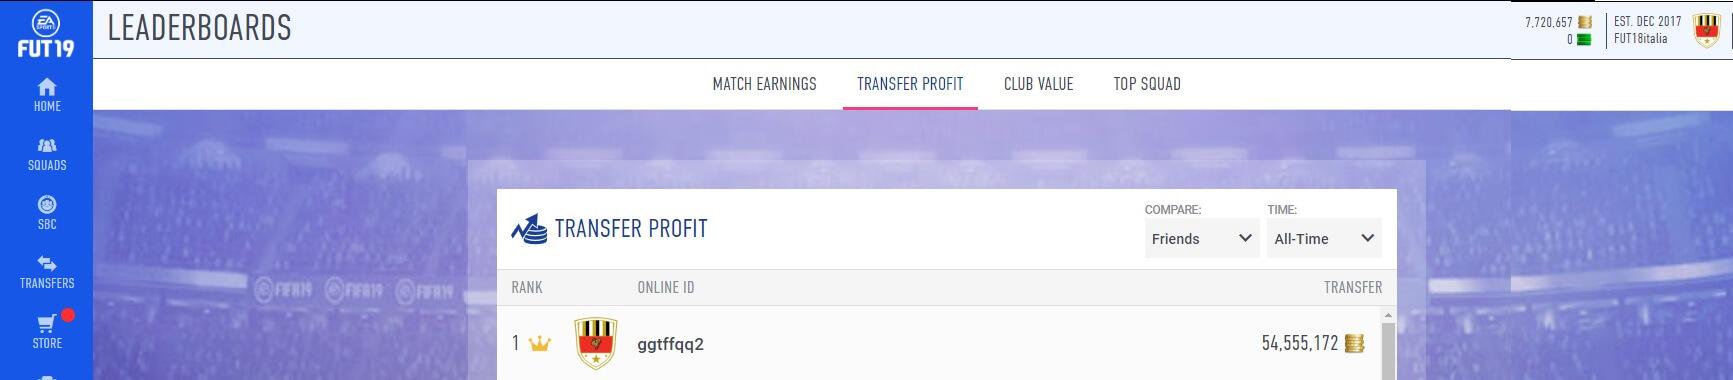 Oltre 50 MLN di profitto tratti dalla compravendita in FIFA FUT 19